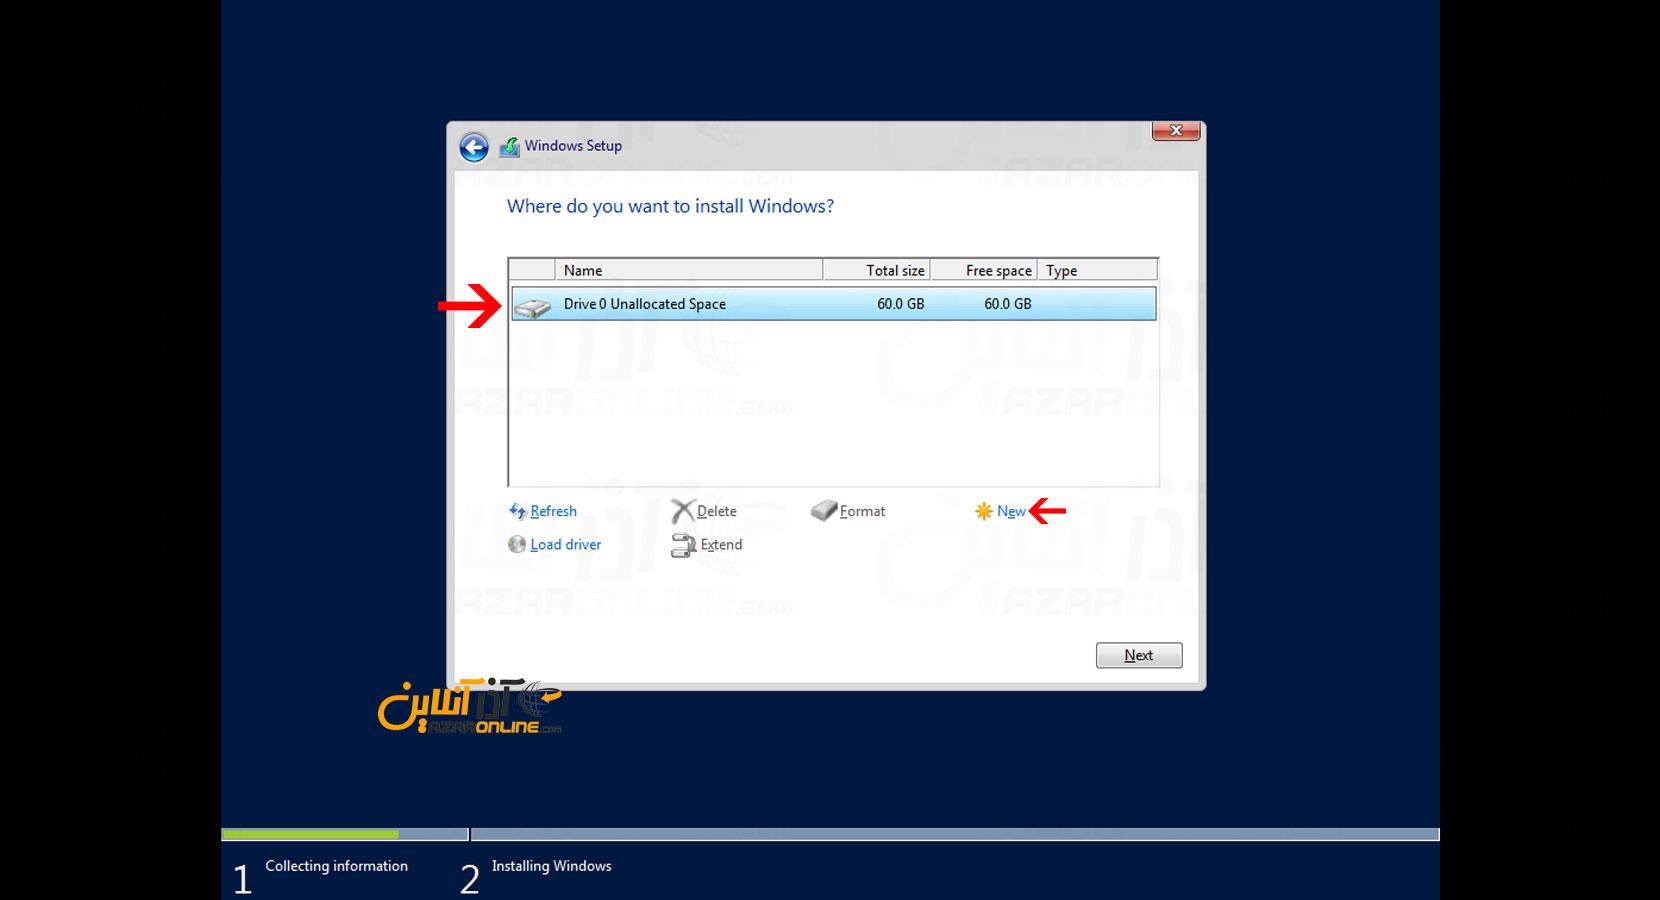 آموزش نصب ویندوز سرور 2016 در vmware - انتخاب هارددیسک